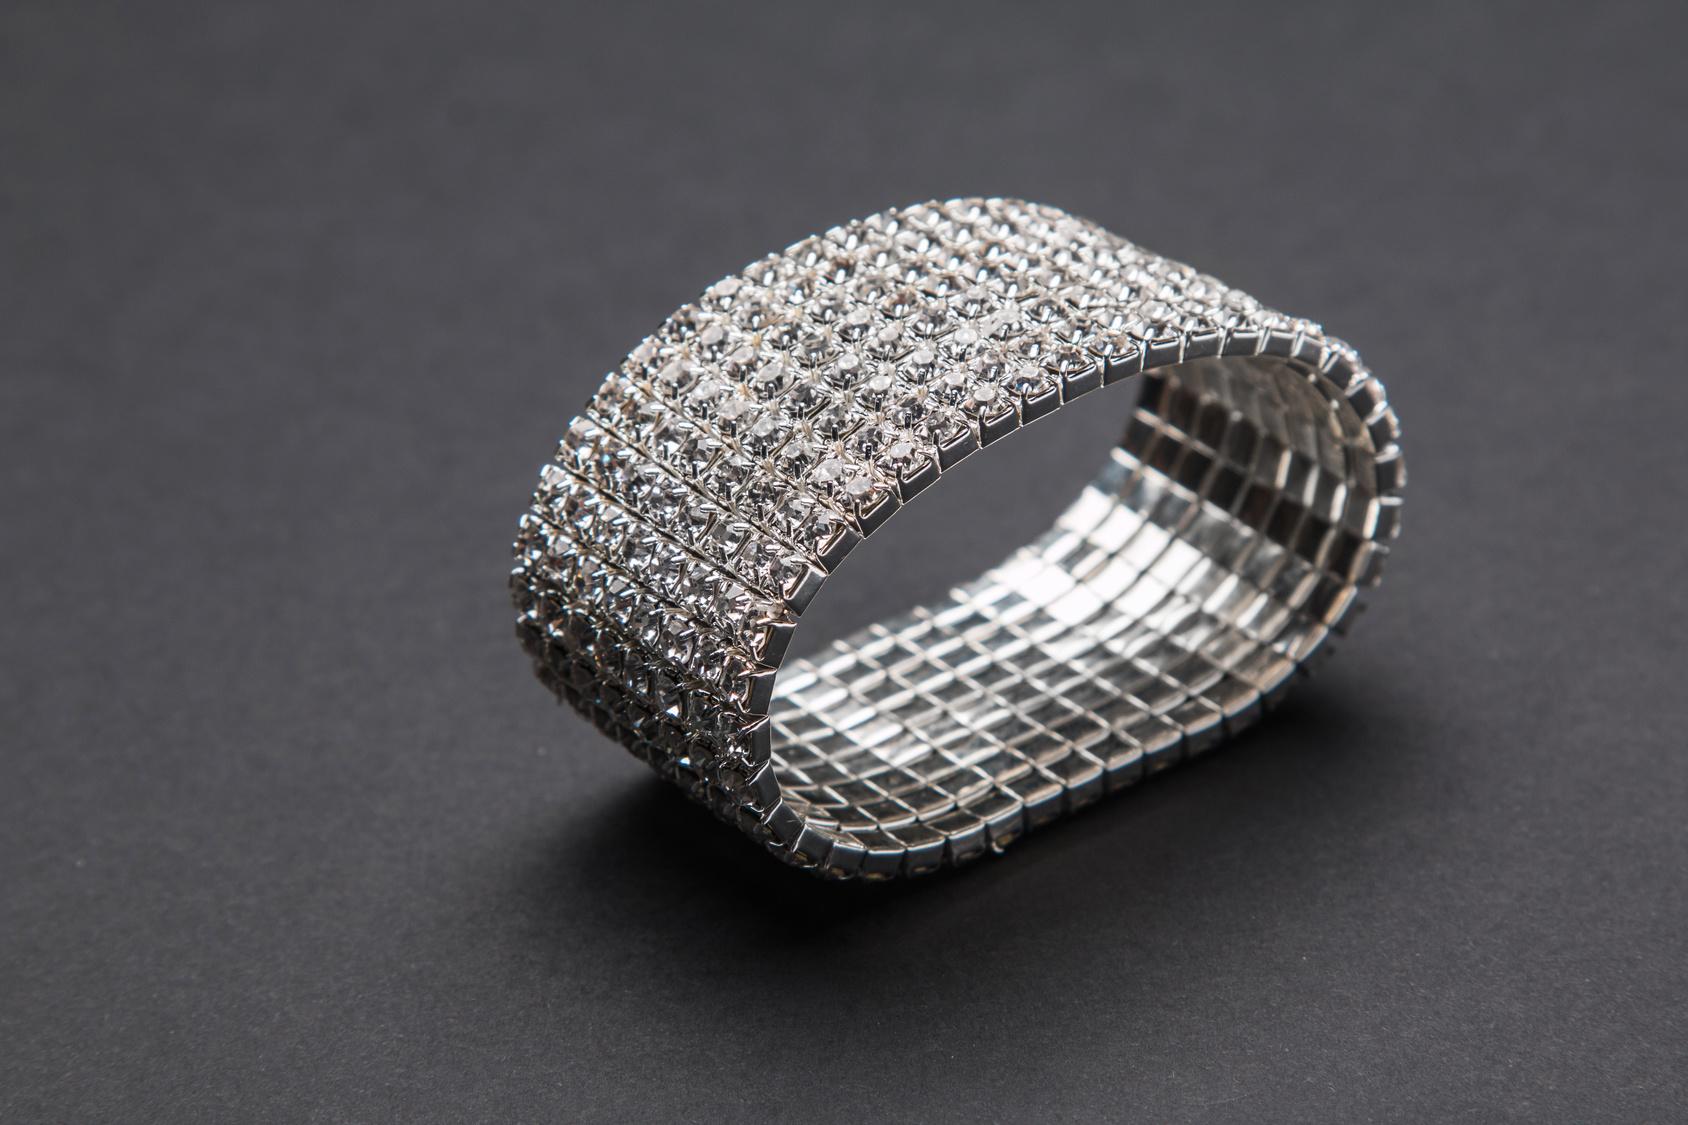 Ponadczasowa srebrna bransoletka dobra na wiele okazji